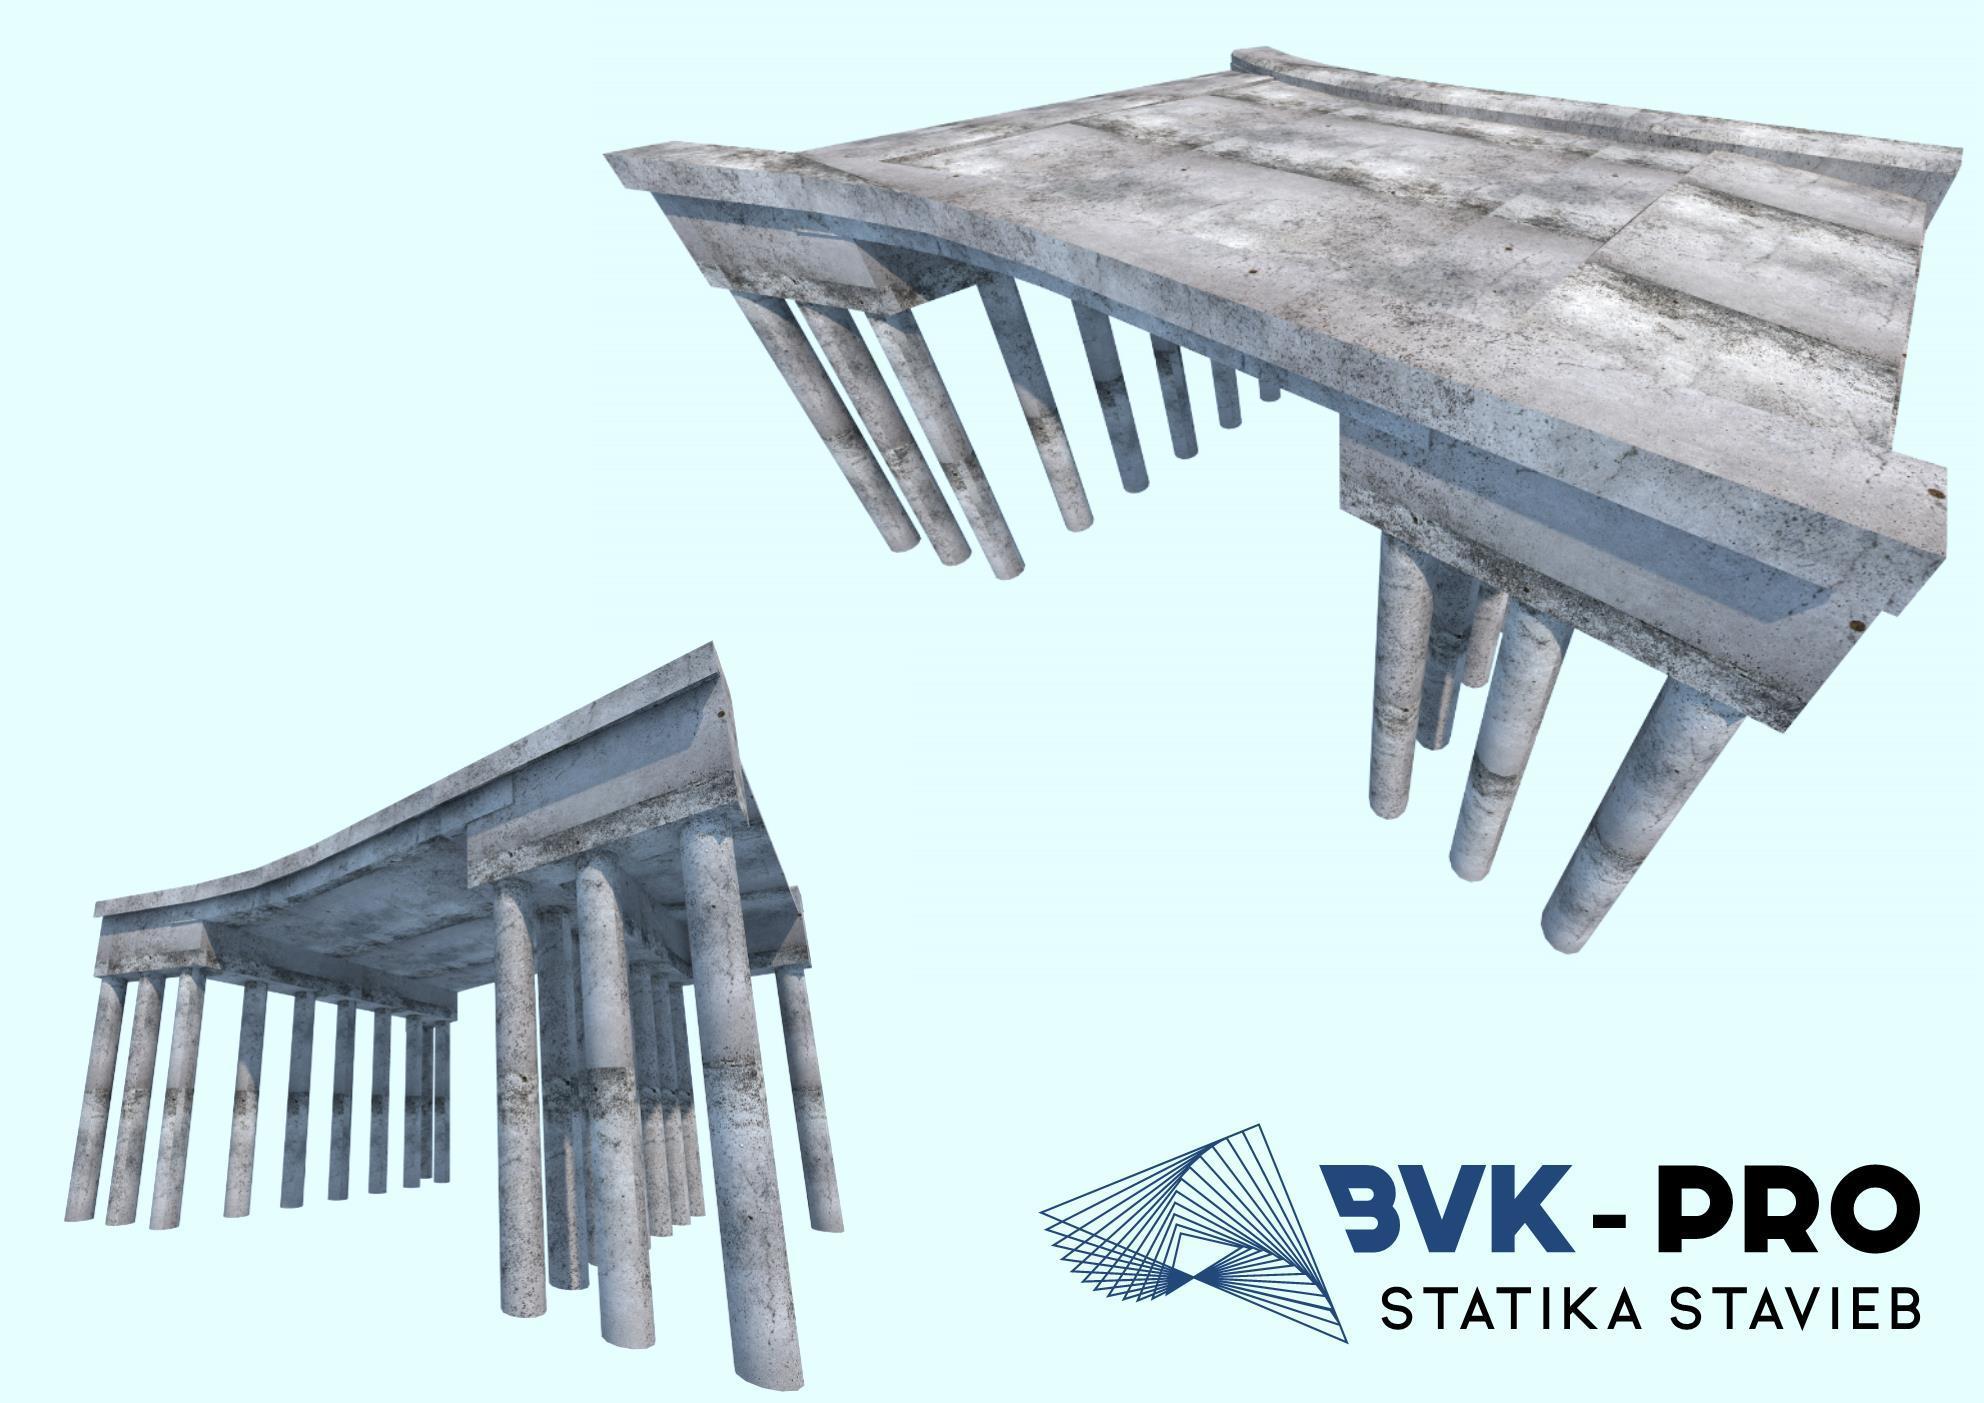 Most Cez Potok Trenčín 2019 Rp Bvk Pro